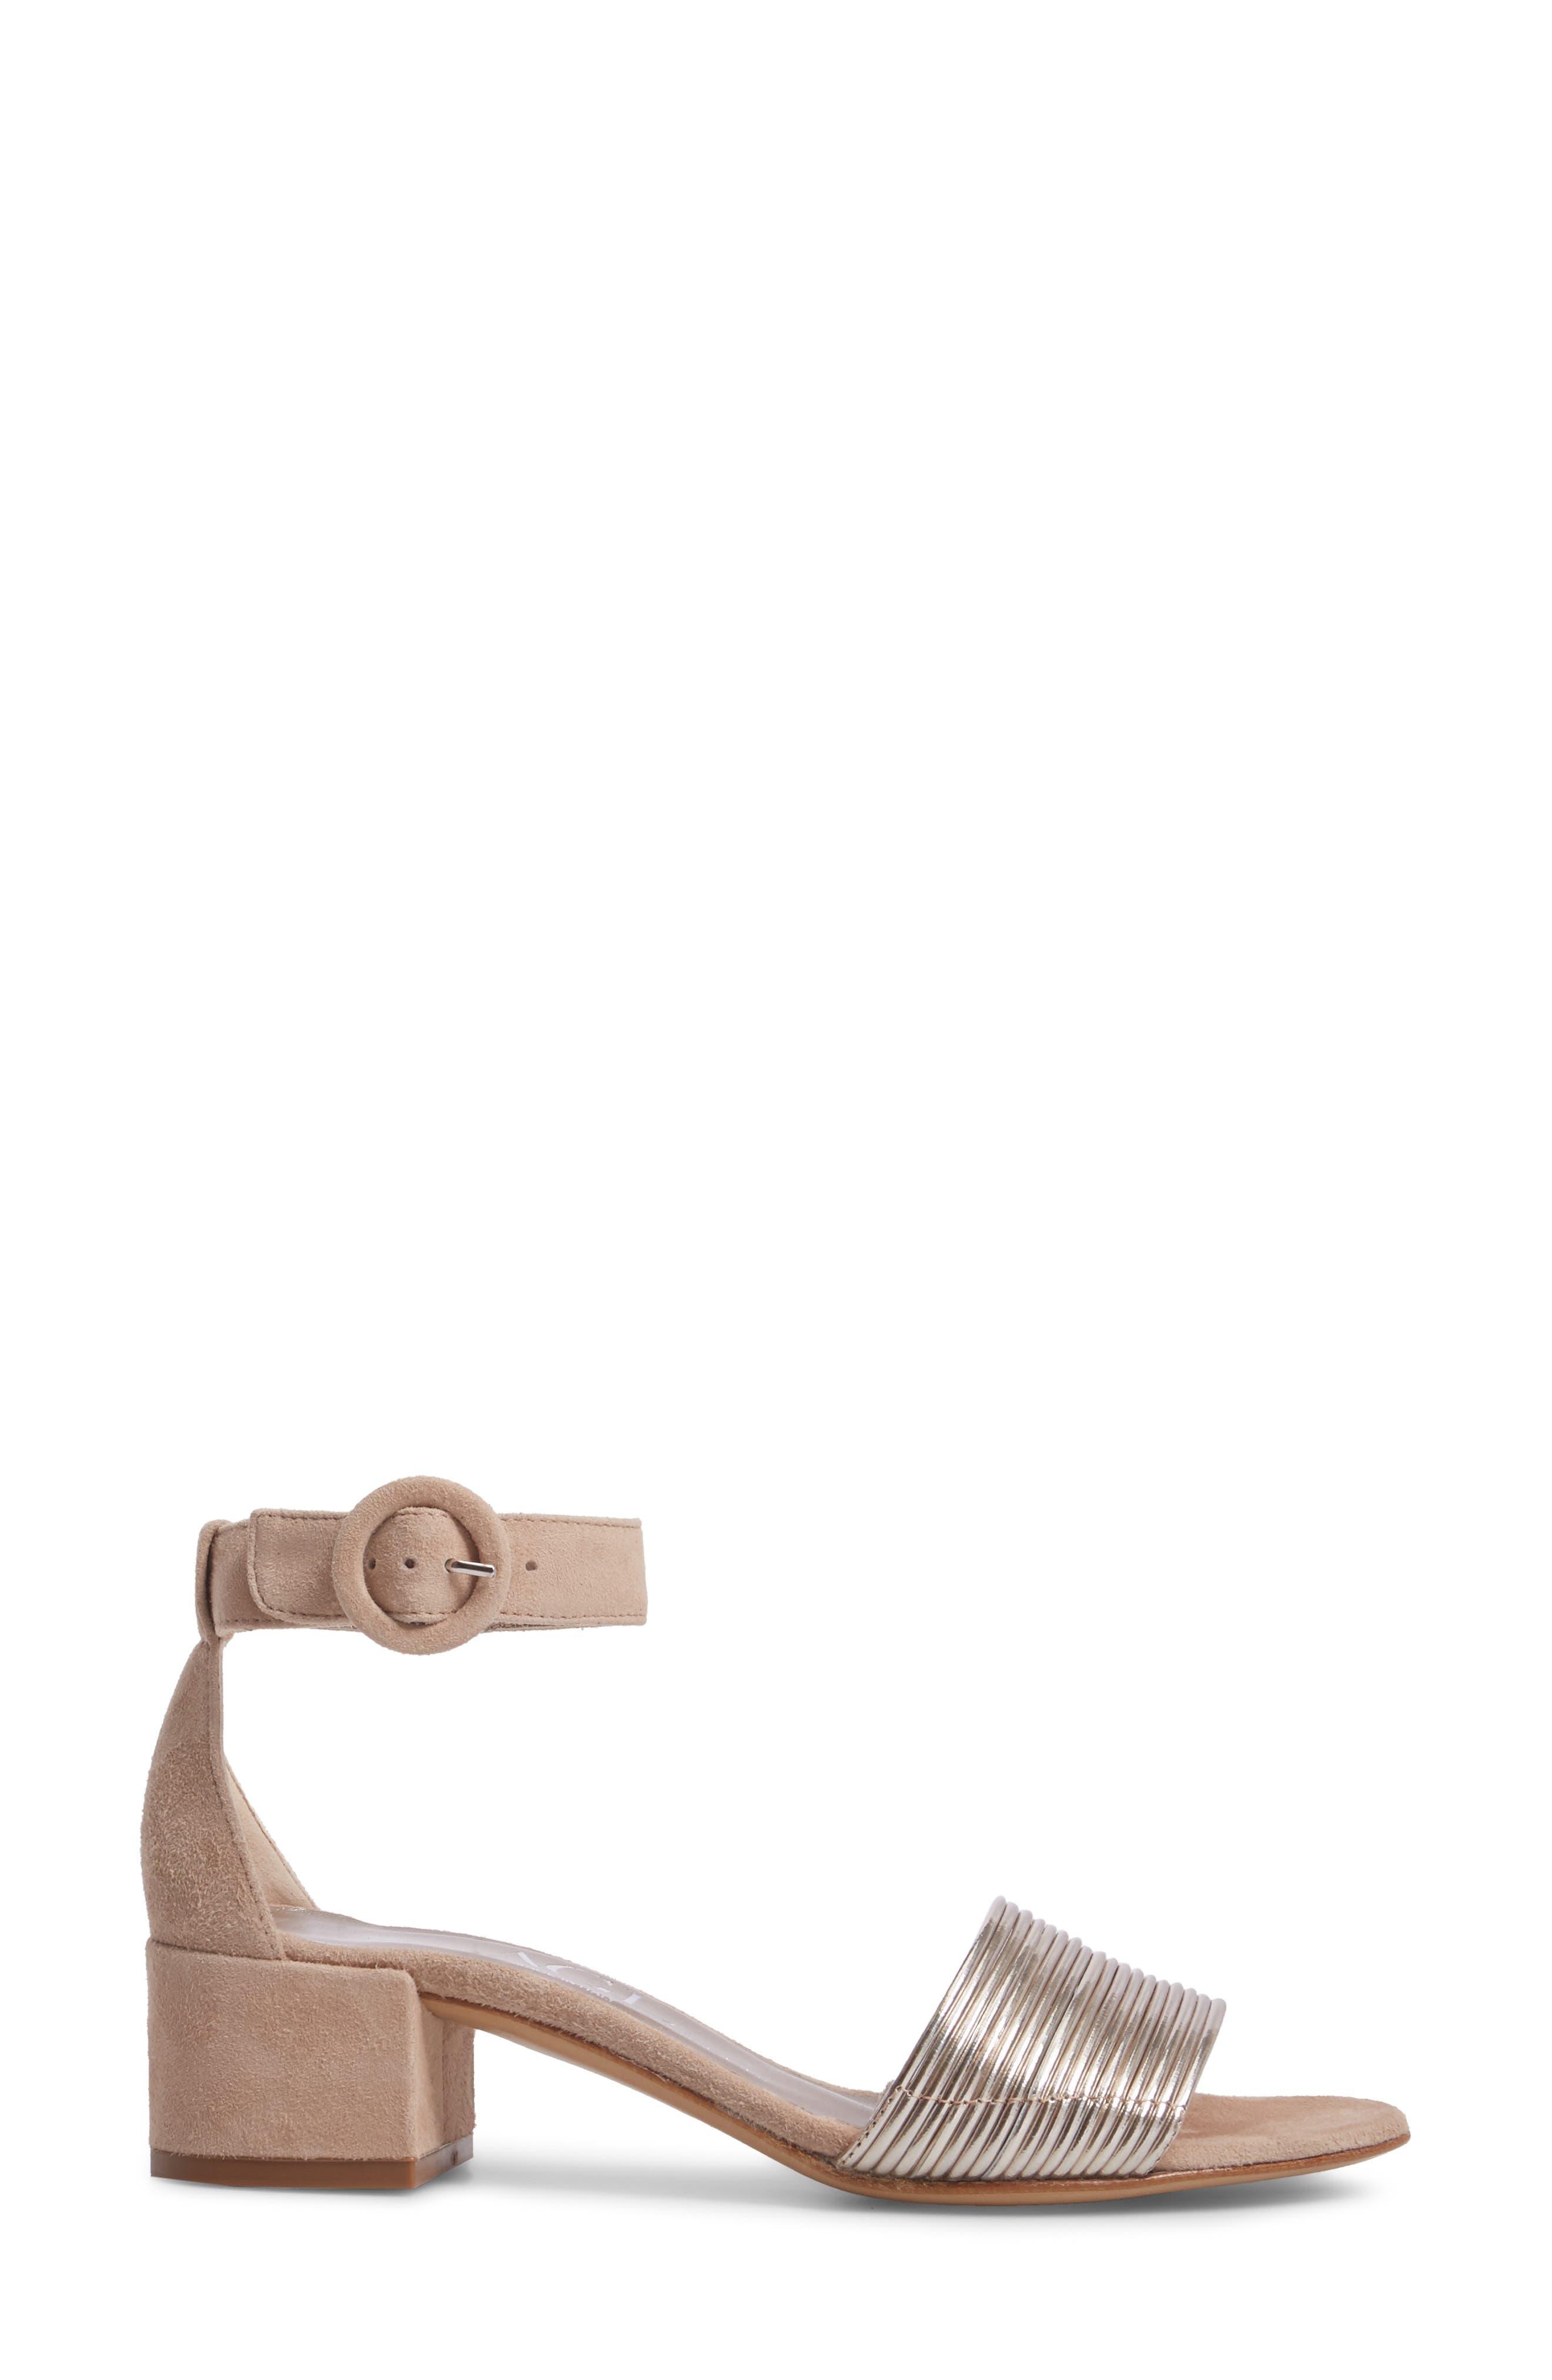 Ankle Strap Sandal,                             Alternate thumbnail 3, color,                             PLATINUM SUEDE